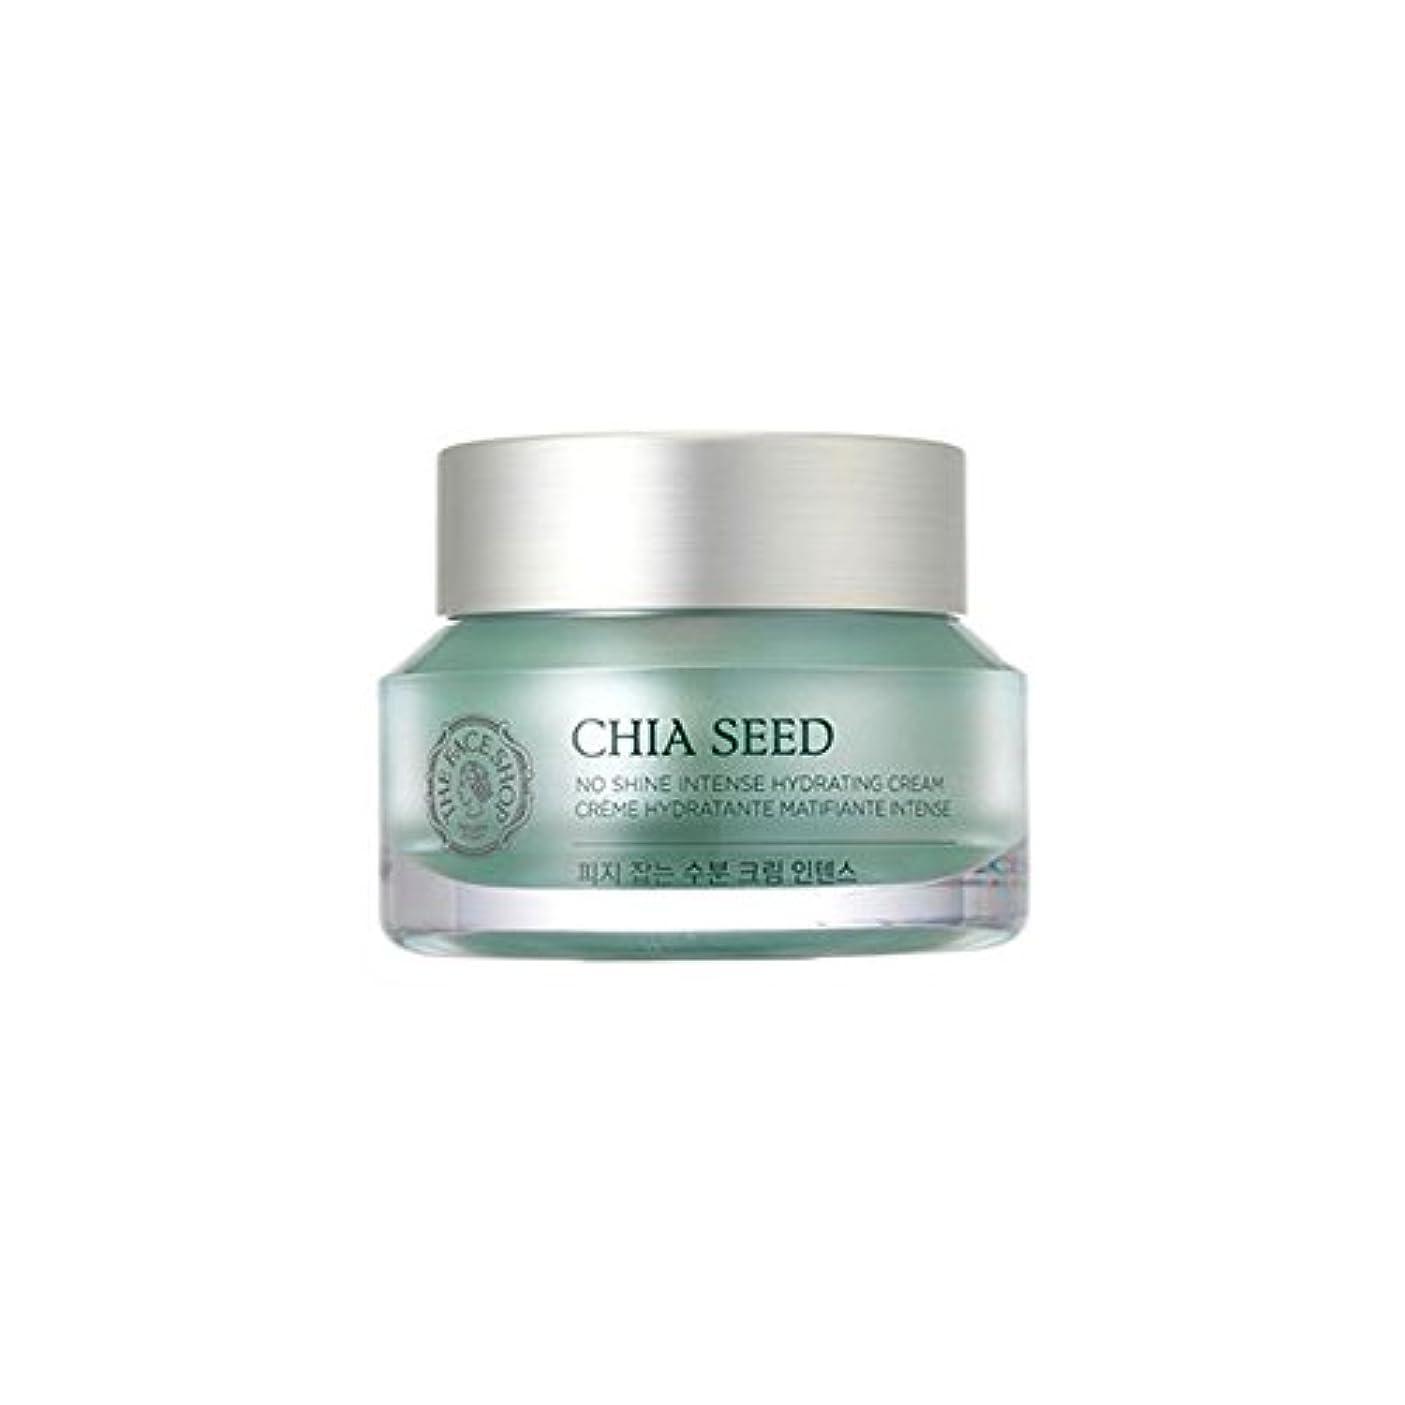 秘密の馬鹿げたバース[ザ·フェイスショップ]The Face Shop チアシードノーシャインインテンス水分クリーム(50ml) The Face Shop Chia Seed No Shine Intense Hydrating Cream...